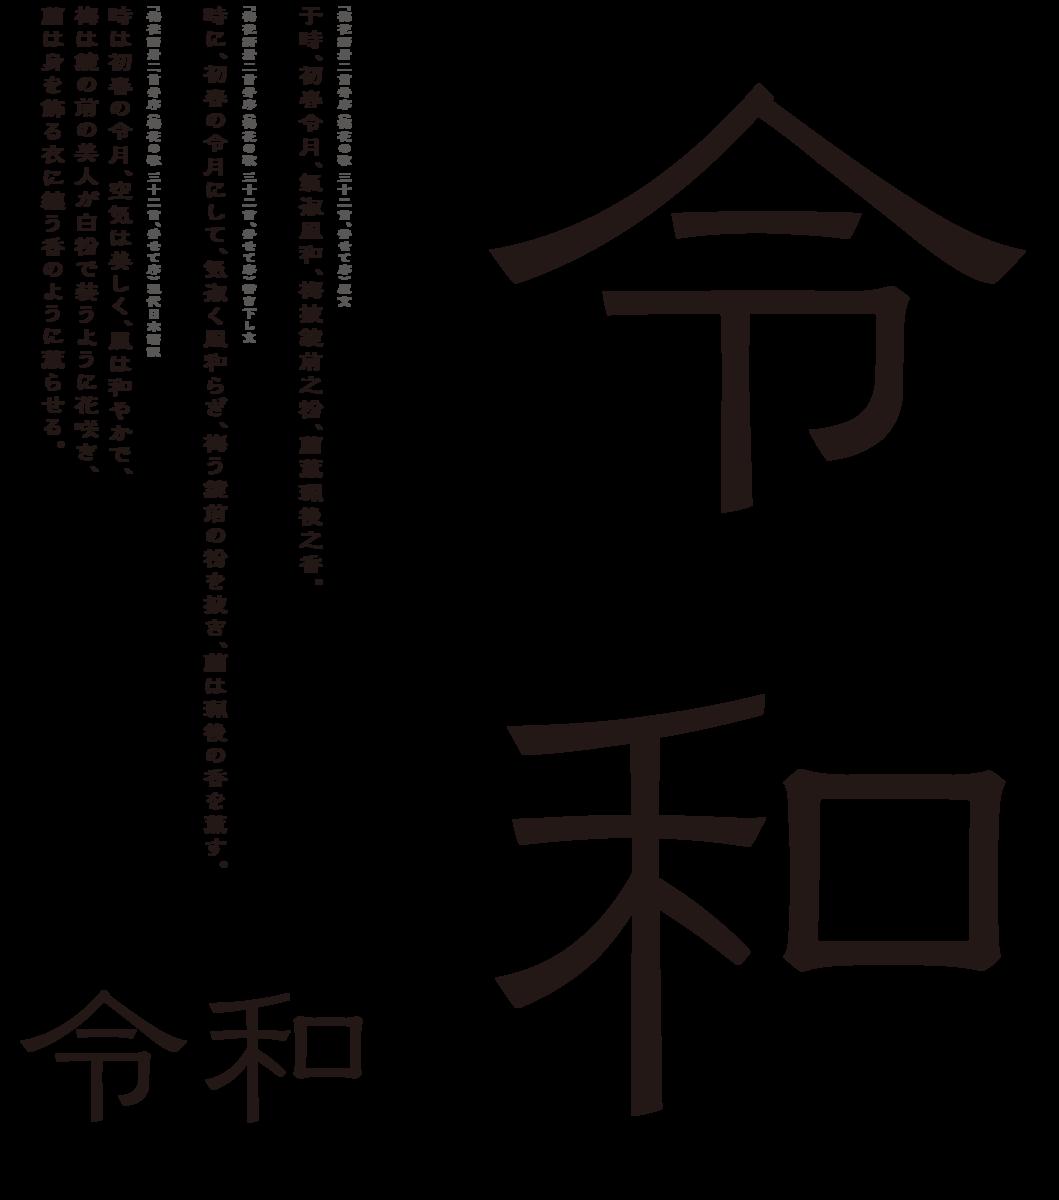 f:id:mojiru:20190529085254p:plain